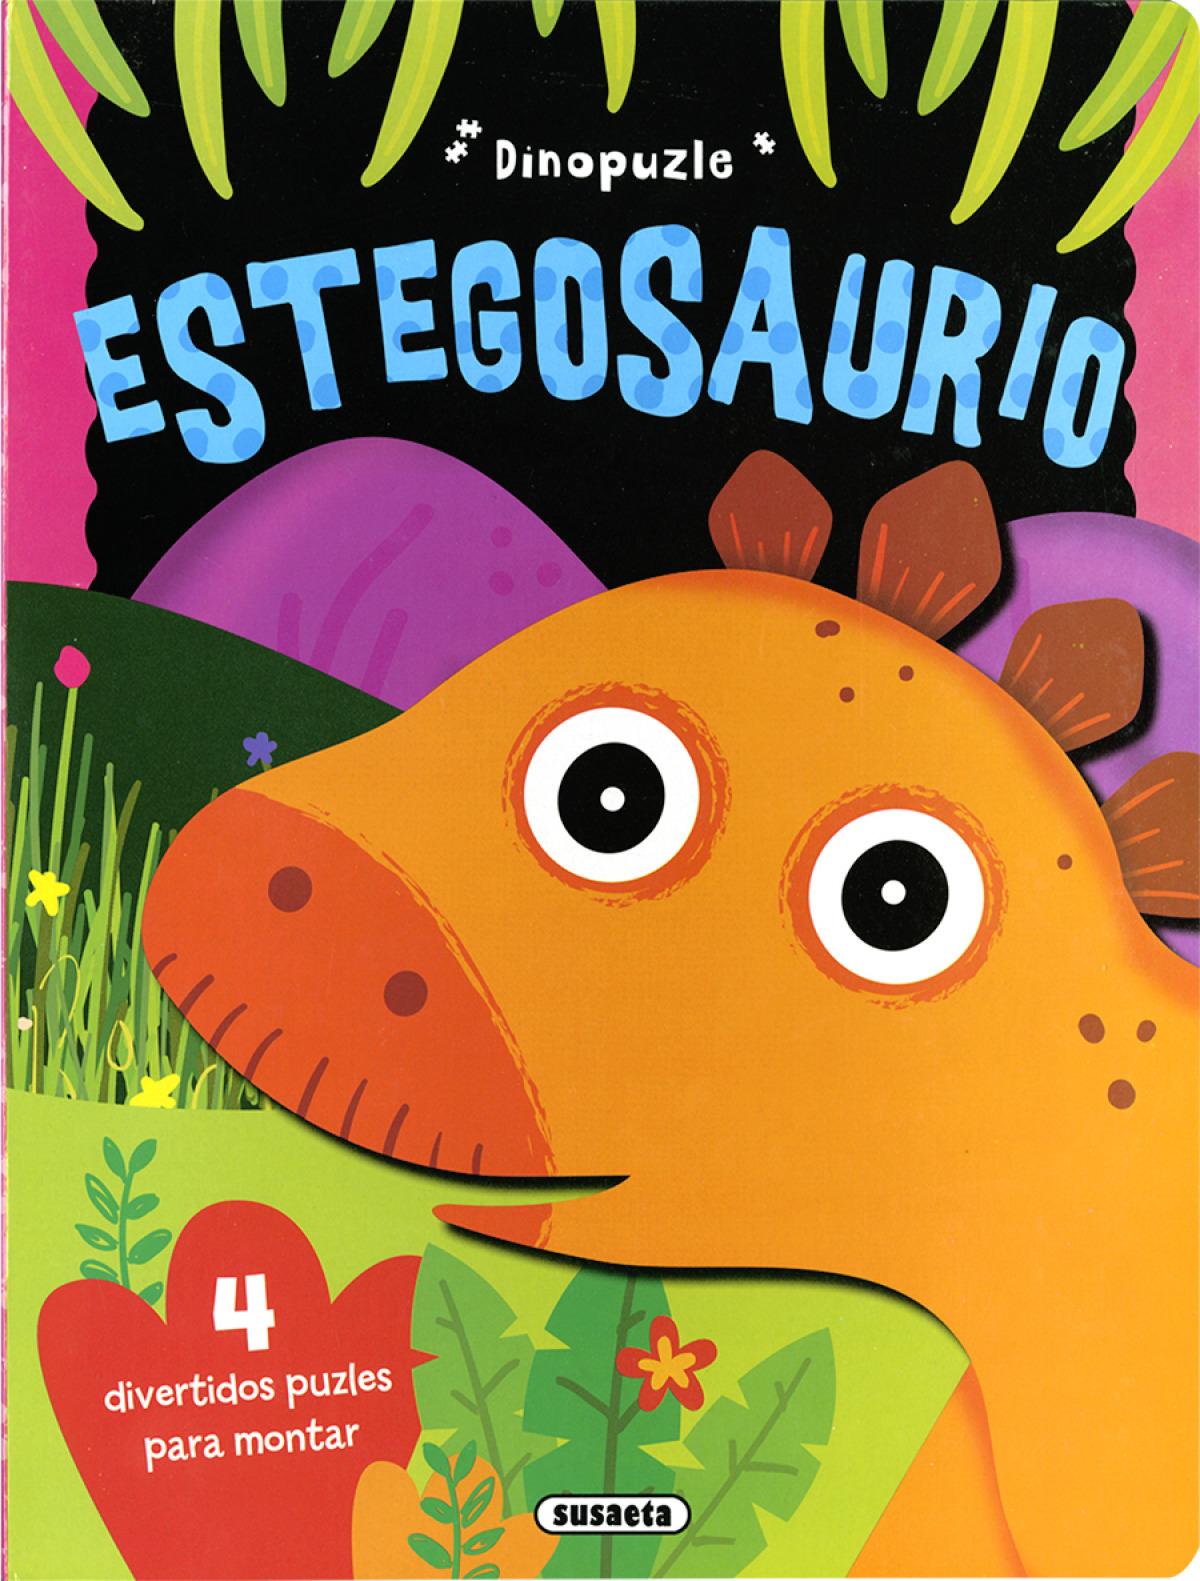 ESTEGOSAURO 9788467761634